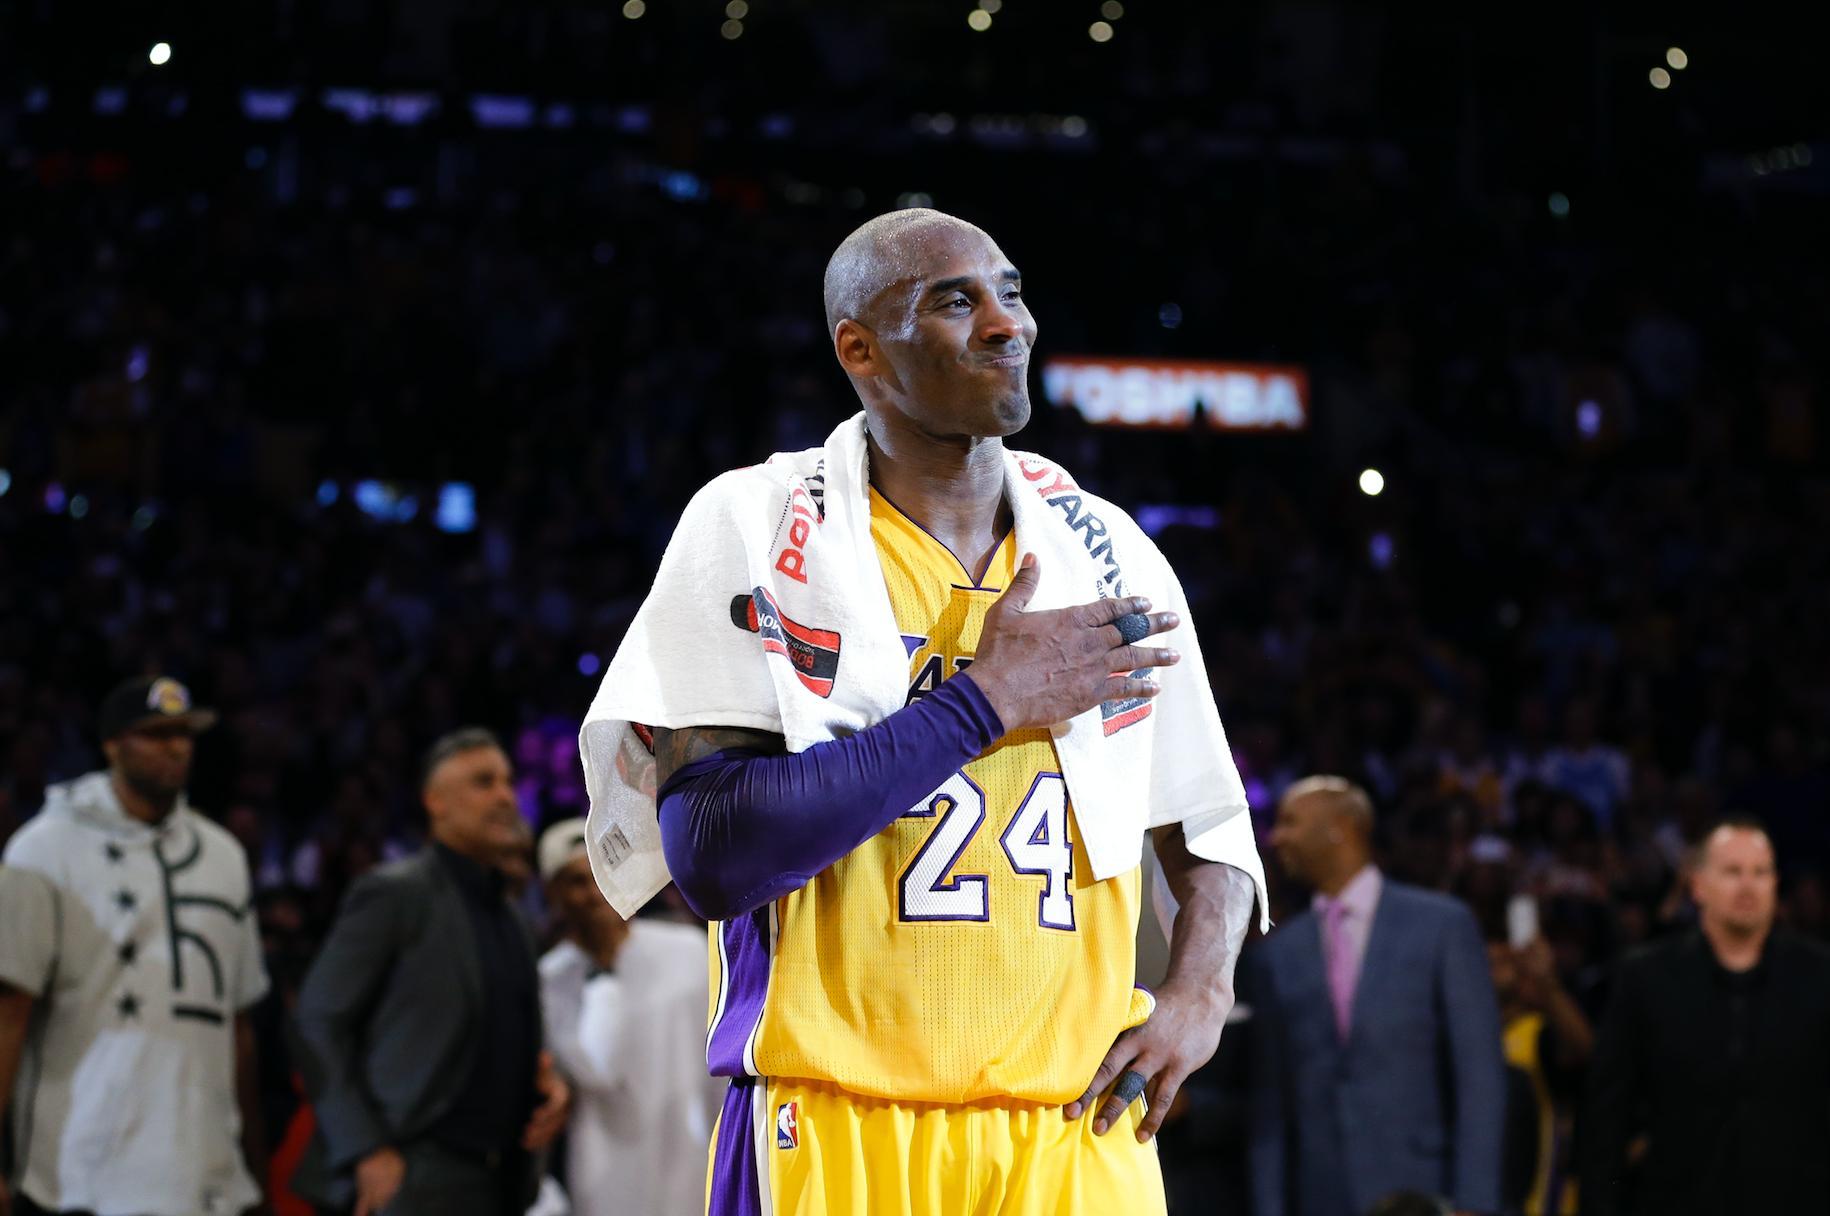 Американские рэперы посвятили песню легенде баскетбола Коби Брайанту